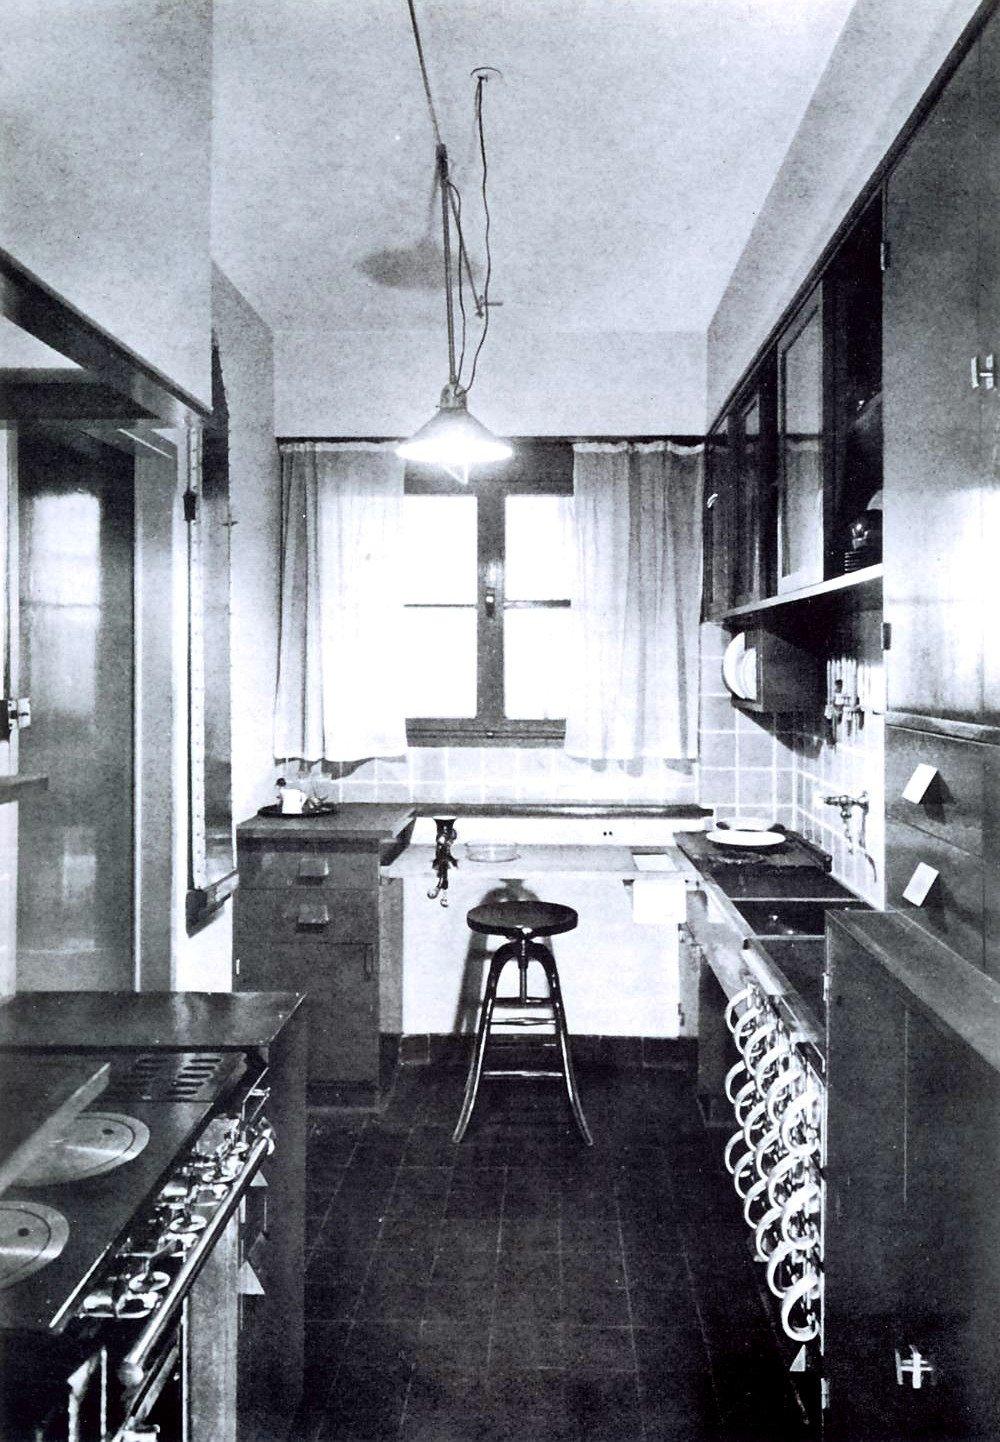 frankfurter k che museum angewandte kunst. Black Bedroom Furniture Sets. Home Design Ideas